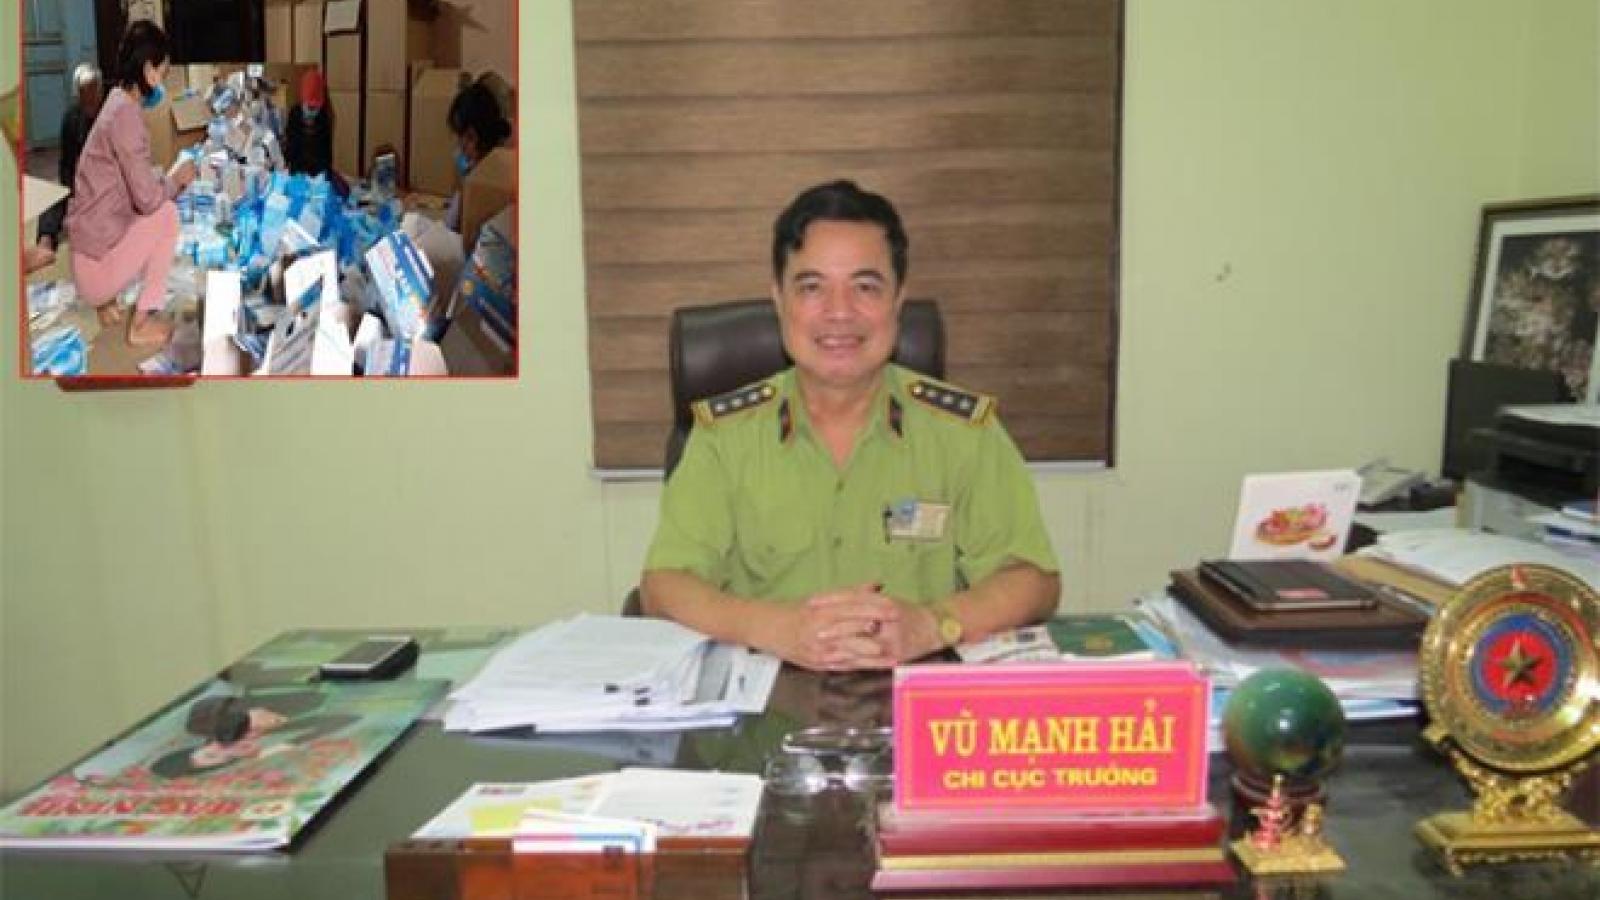 Quyền Cục trưởng Cục quản lý thị trường Bắc Ninh bị kỷ luật